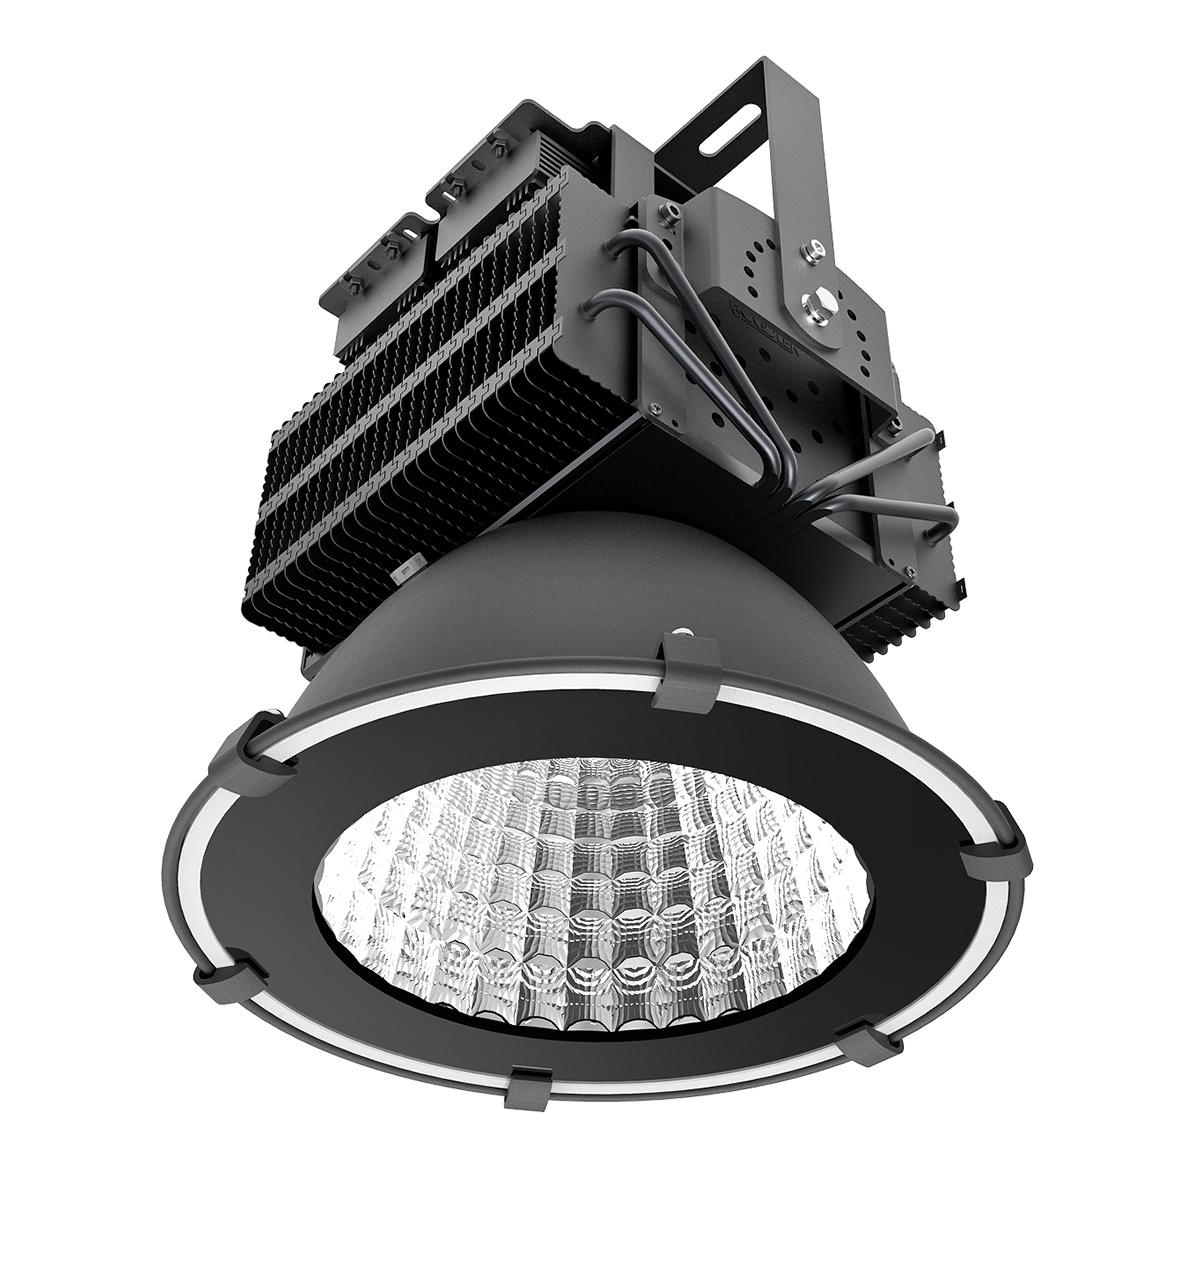 超大功率LED工矿灯500w